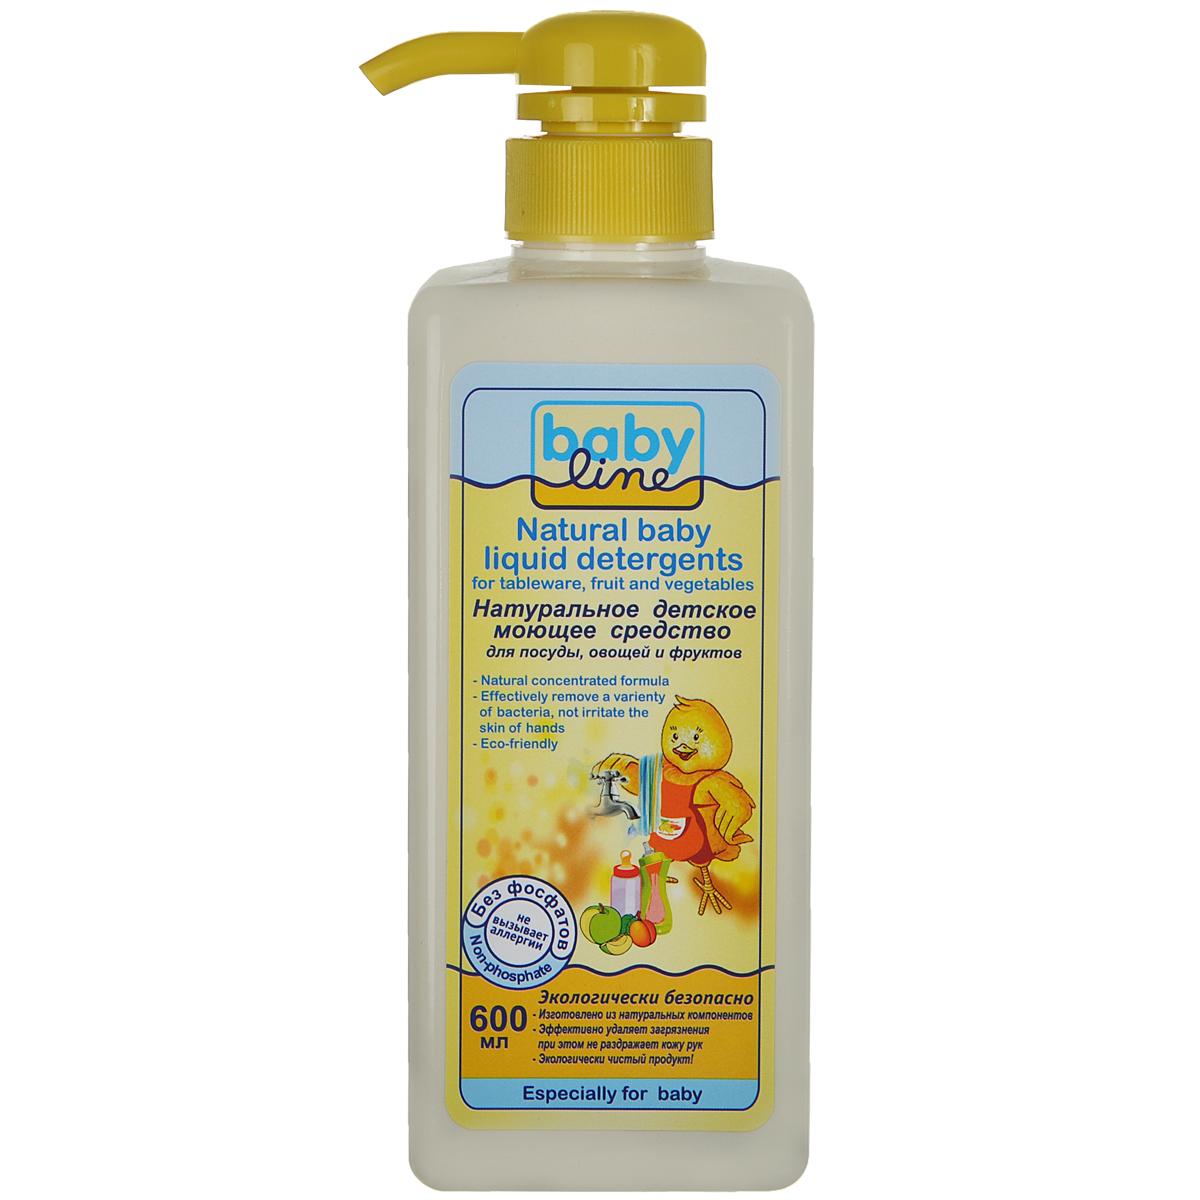 BabyLine Моющее средство для посуды, овощей и фруктов, натуральное, детское, 600 мл18273362Моющее средство BabyLine изготовлено из натурального сырья и компонентов, используемых в производстве продуктов питания, поэтому полностью безопасно для младенцев с первых дней жизни. Эффективно удаляет пищевые загрязнения и бактерии с детской посуды, сосок и т.д. Особенно рекомендовано для мытья фруктов и овощей. Характеристики: Объем: 600 мл. Артикул: 18273362. Изготовитель: Германия. Товар сертифицирован.